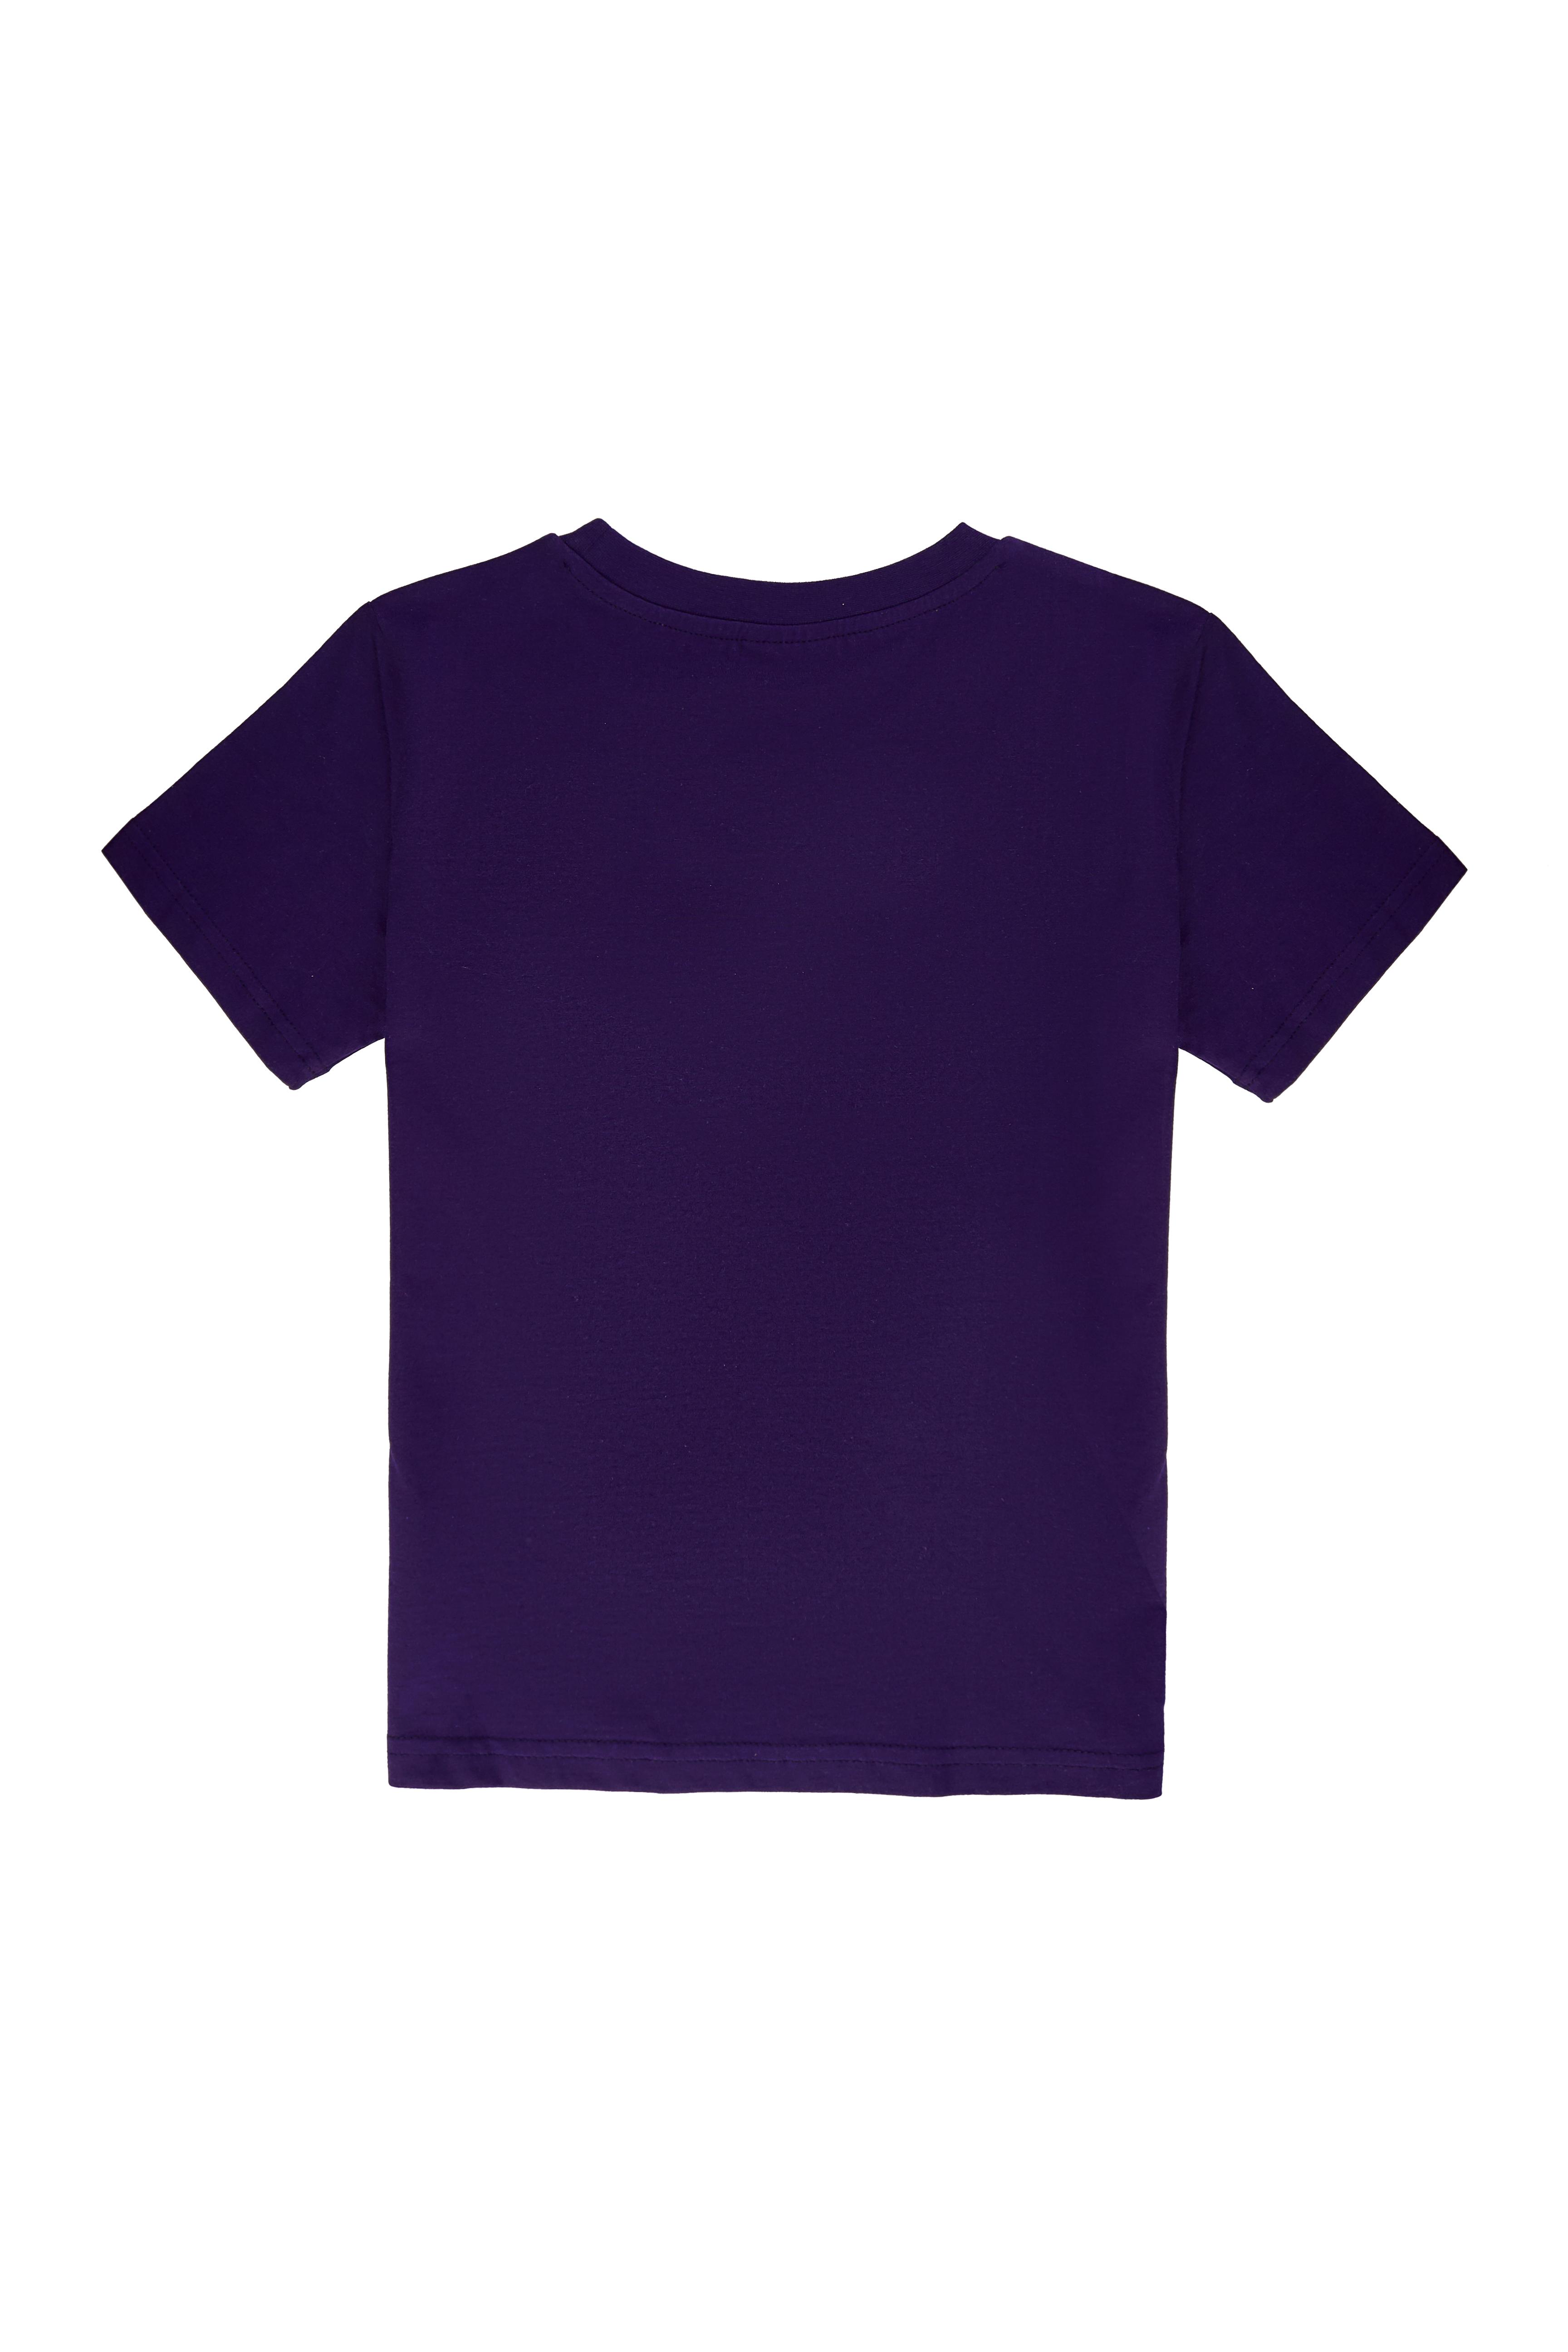 Chlapecké tričko Error - NAVY Navy, Šedý melanž